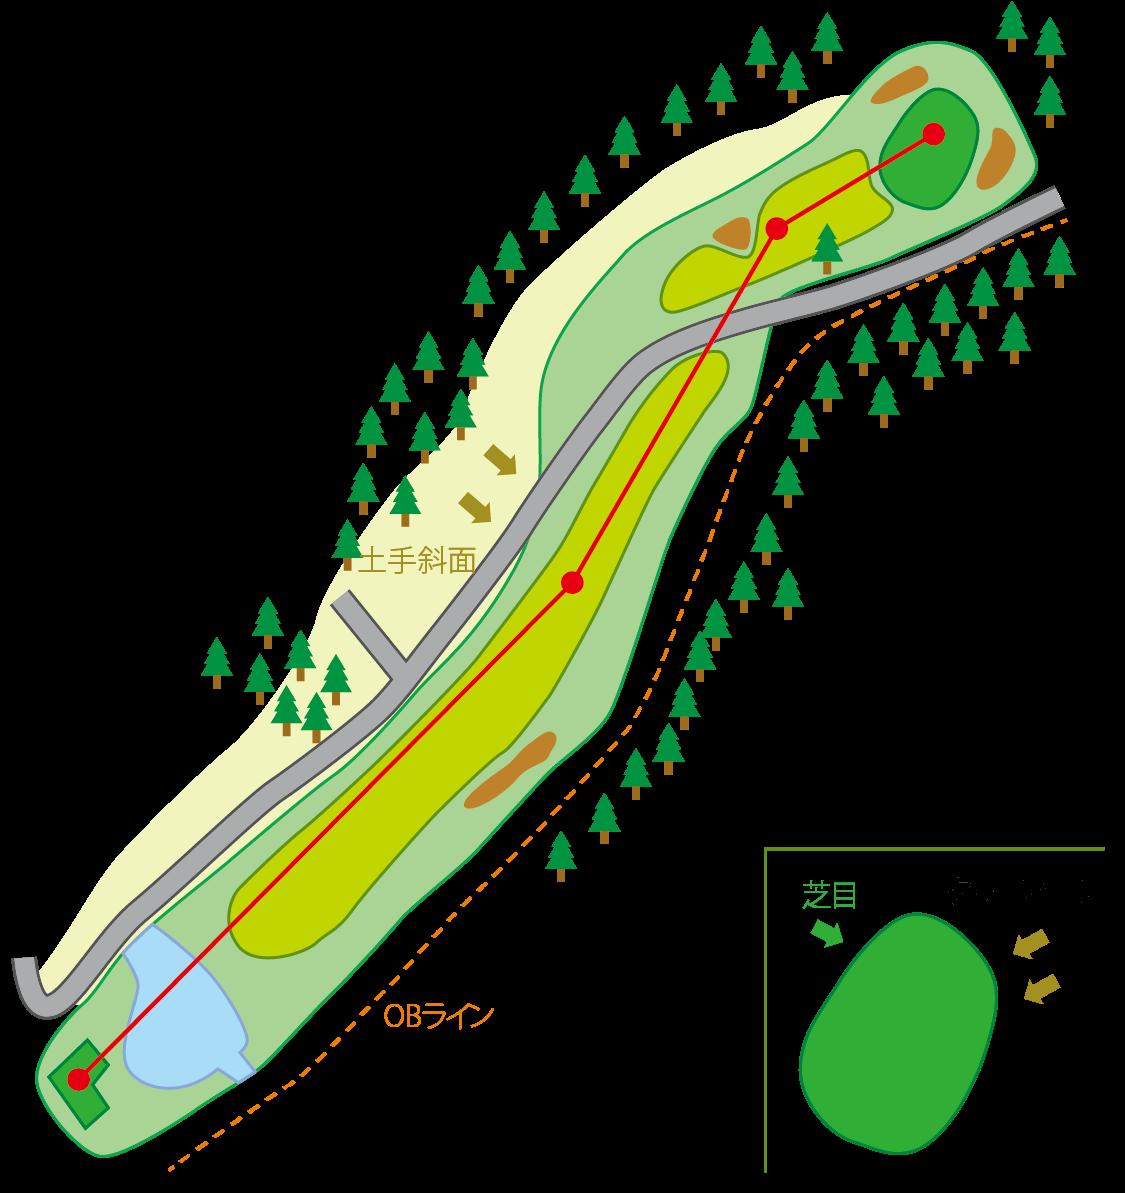 阿賀コース HOLE2のコースマップ